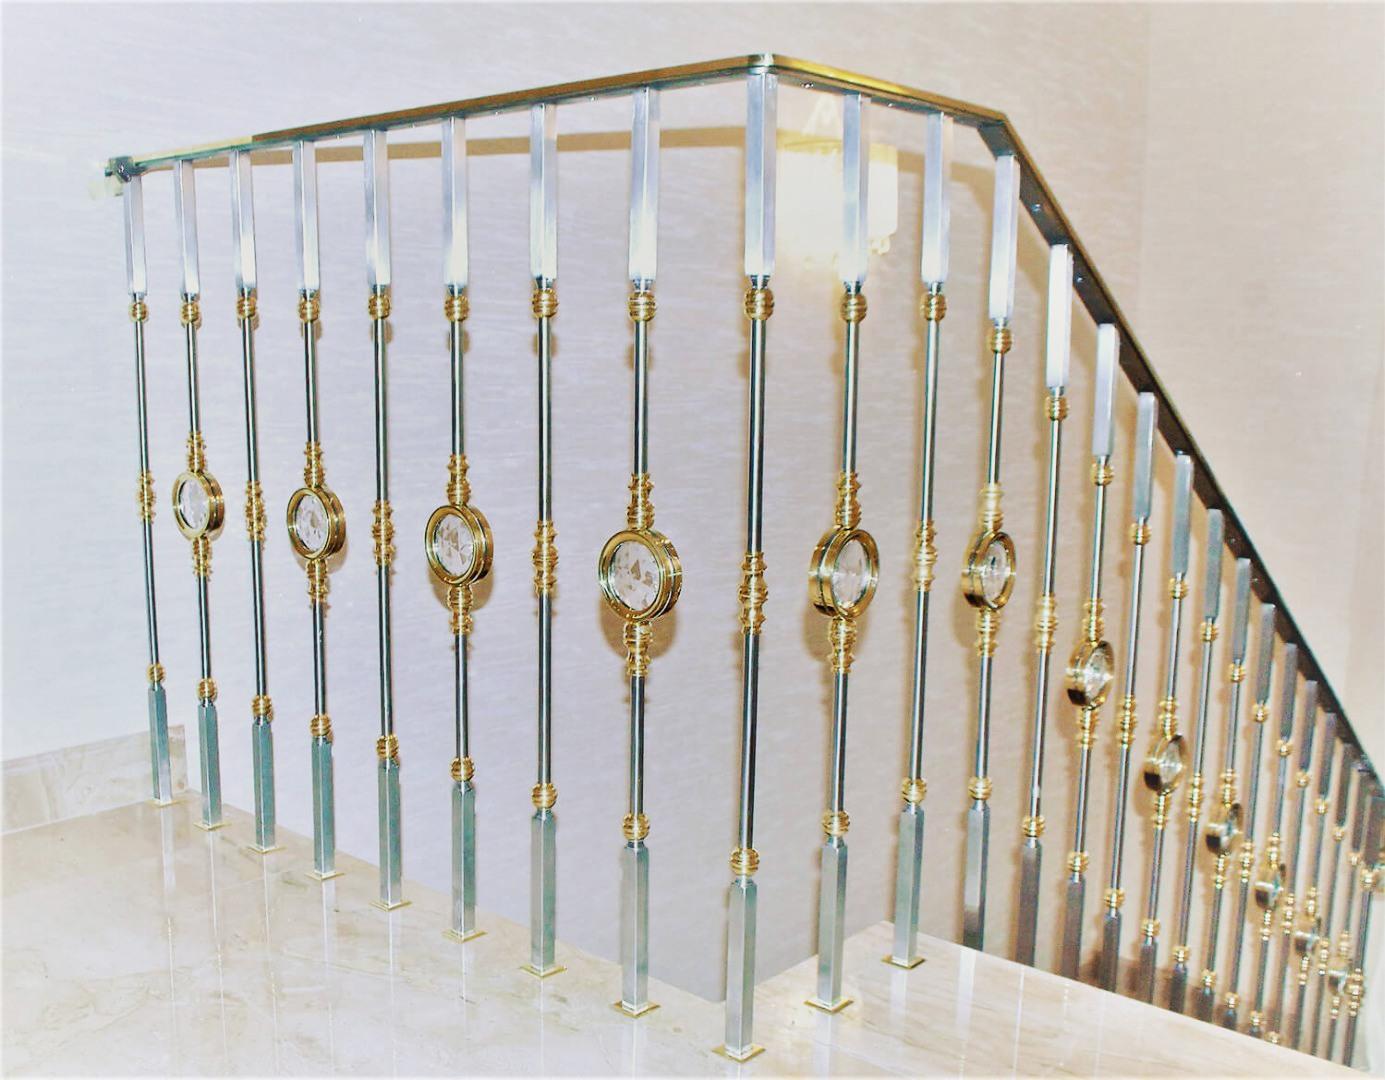 Balustrada Art - Balustrada Cristale Swarovski - Lucrare 03 - 6